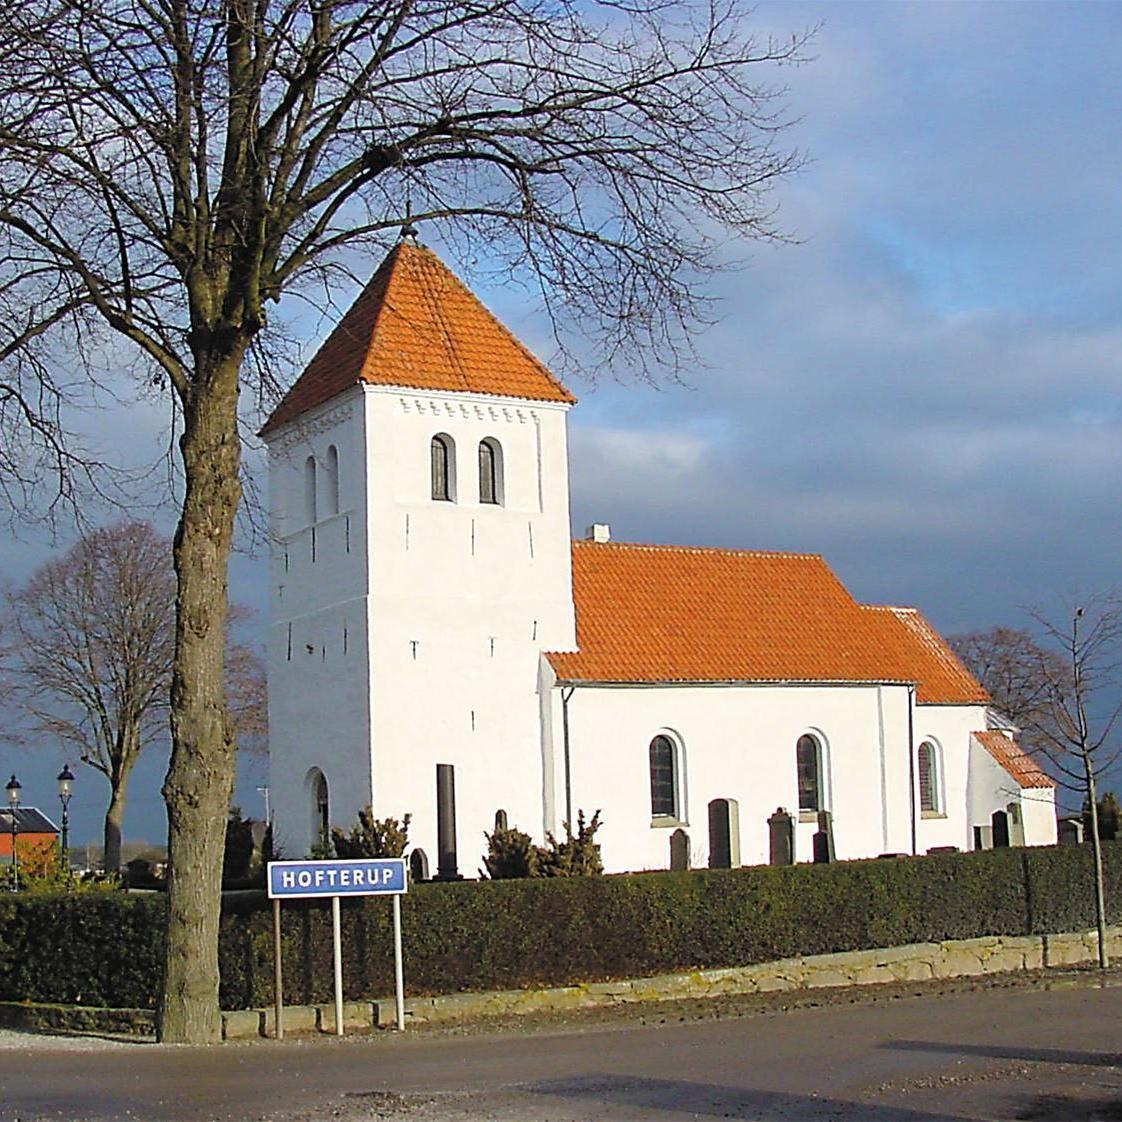 Hofterups church